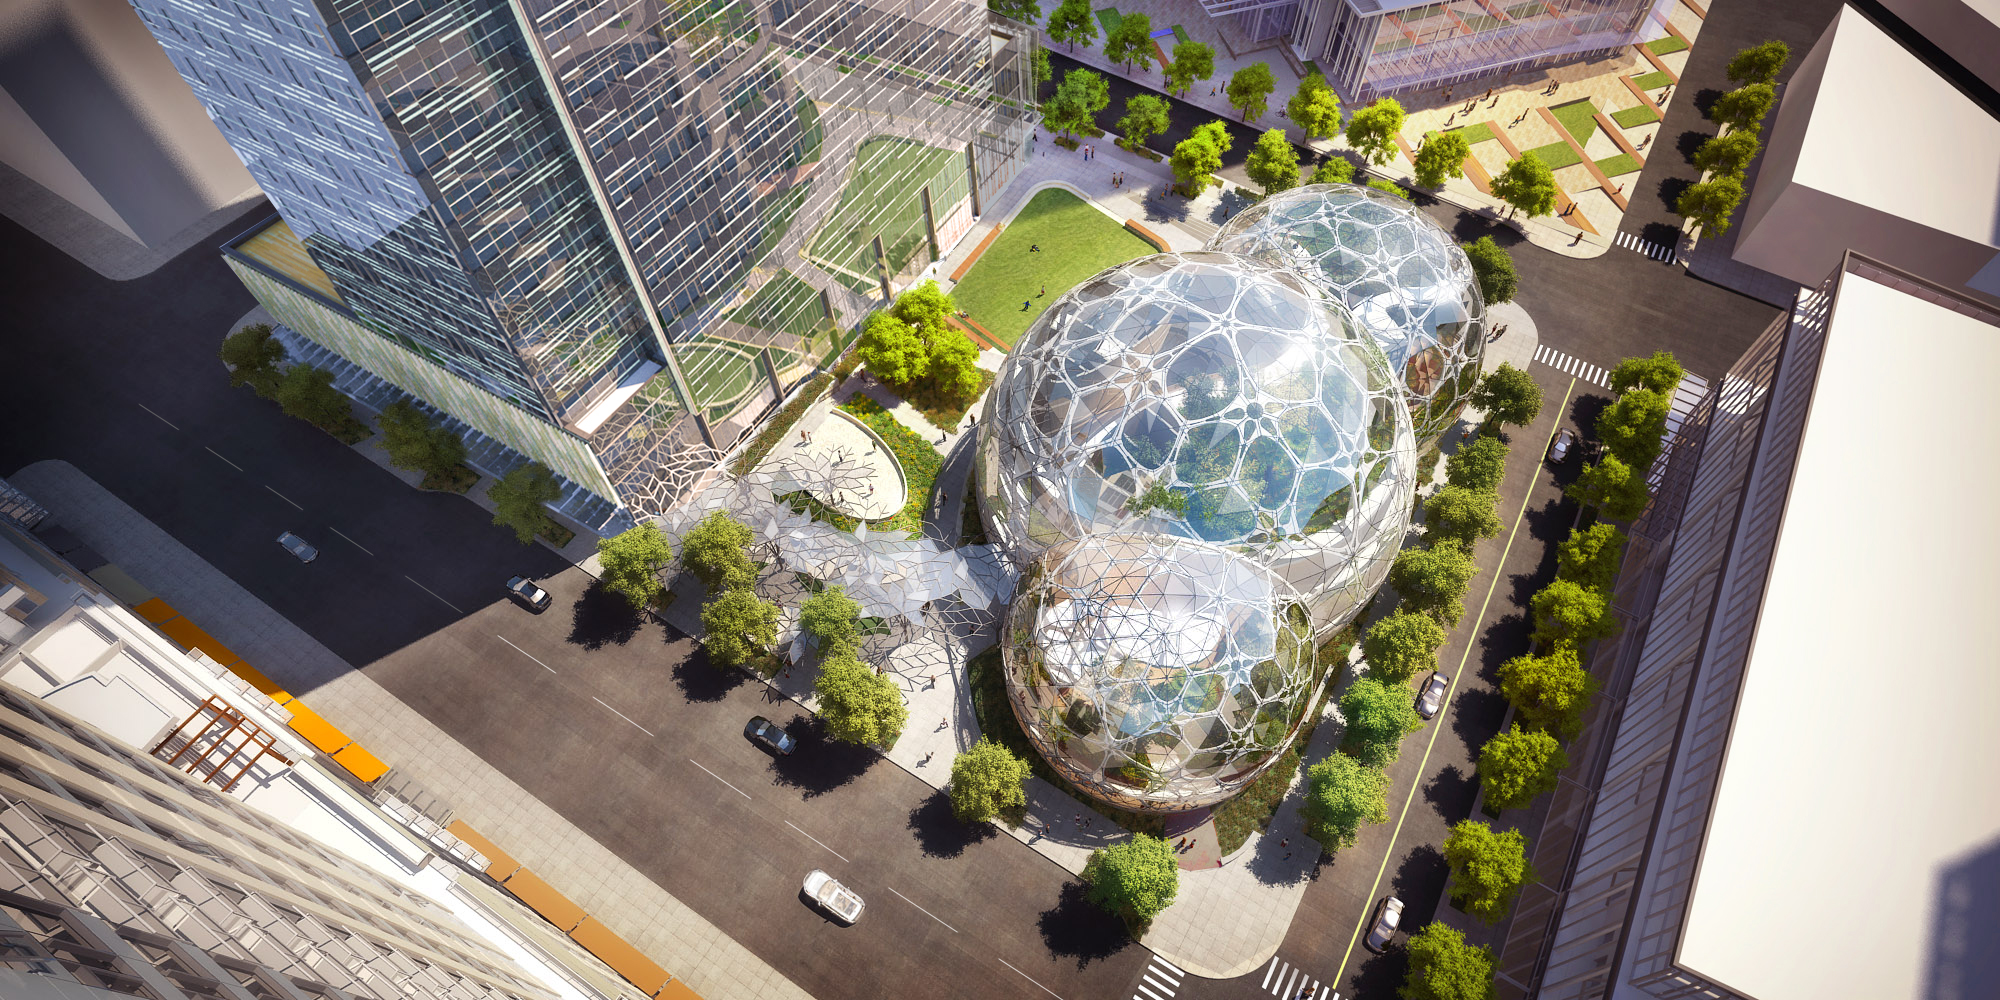 À quoi ressemblera le futur selon Amazon ?